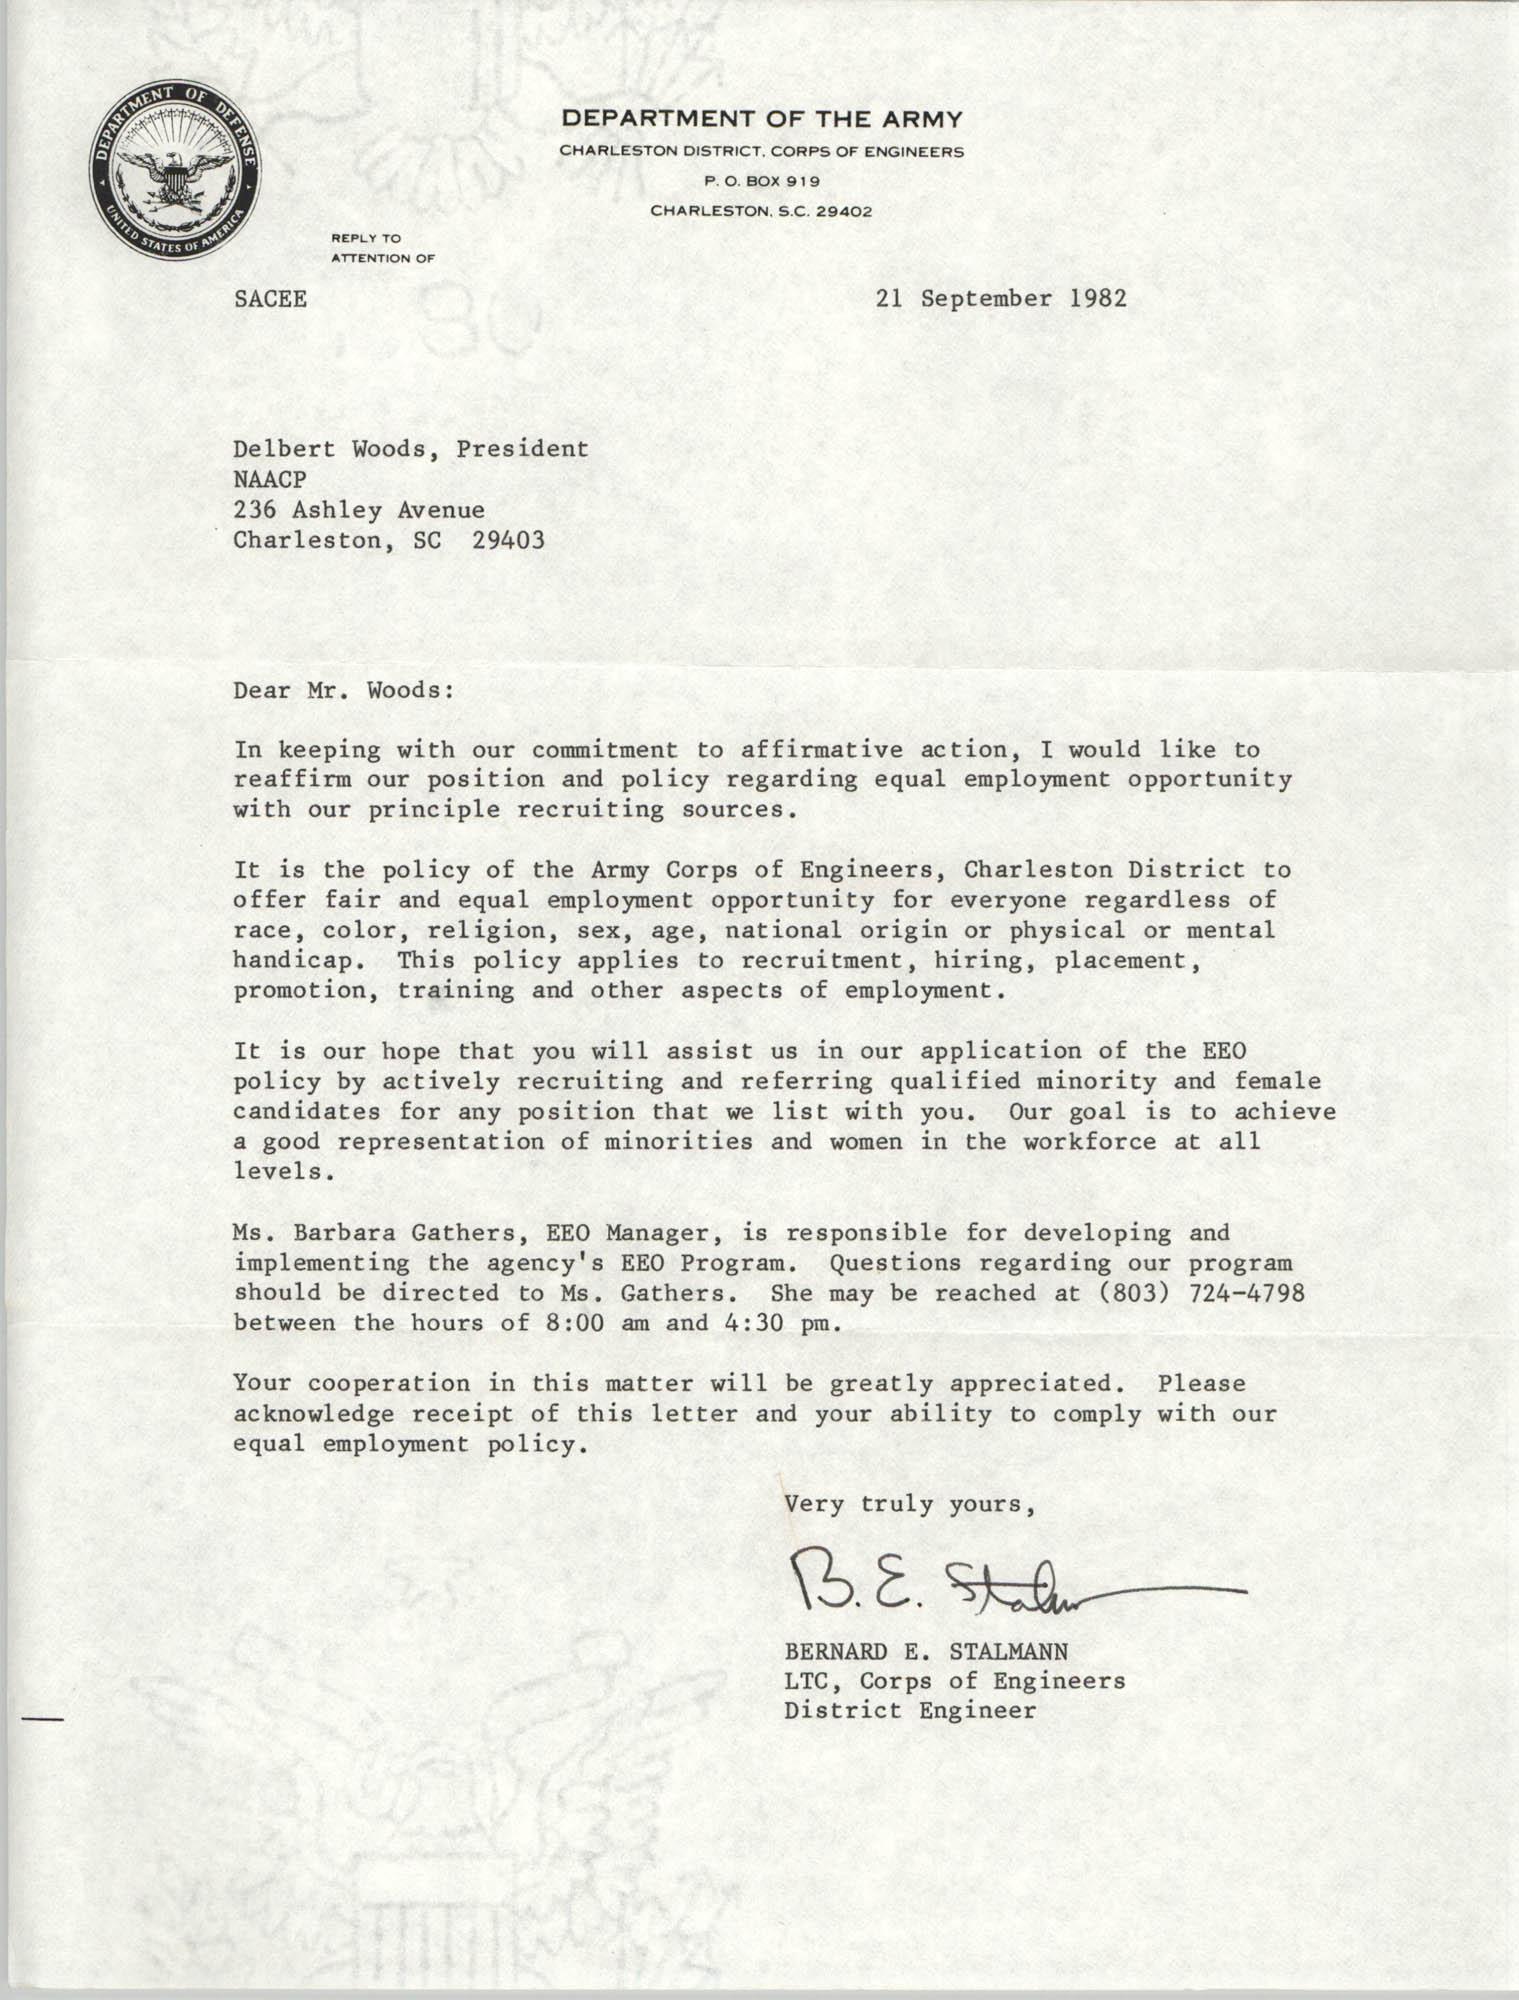 Letter from Bernard E. Stalmann to Delbert Woods, September 21, 1982